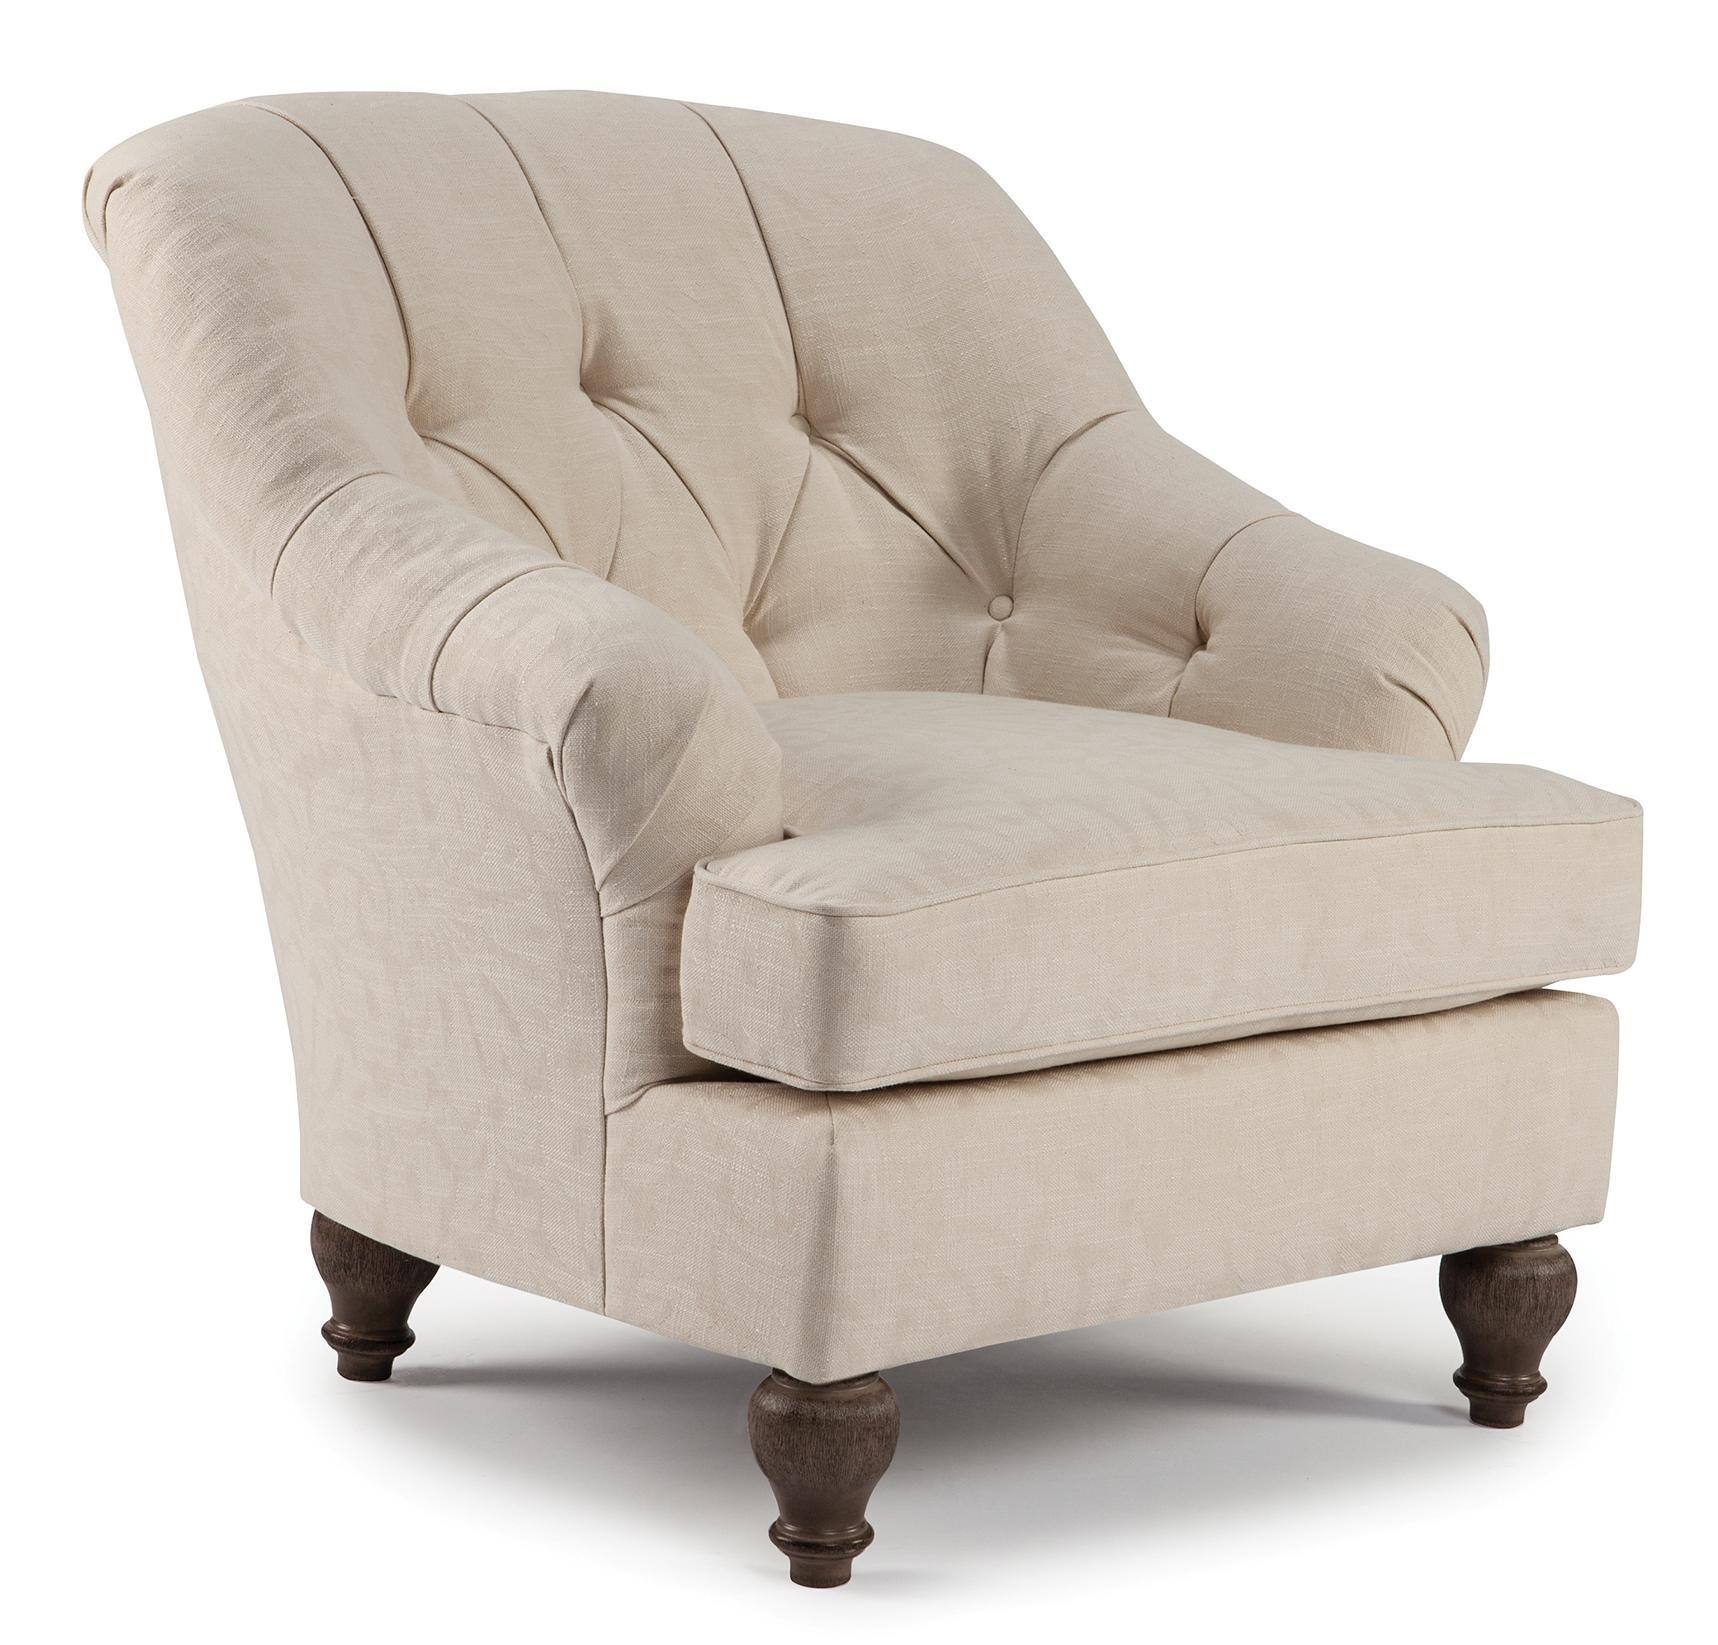 Best Home Furnishings Chairs Club Hobart Club Chair Old Brick